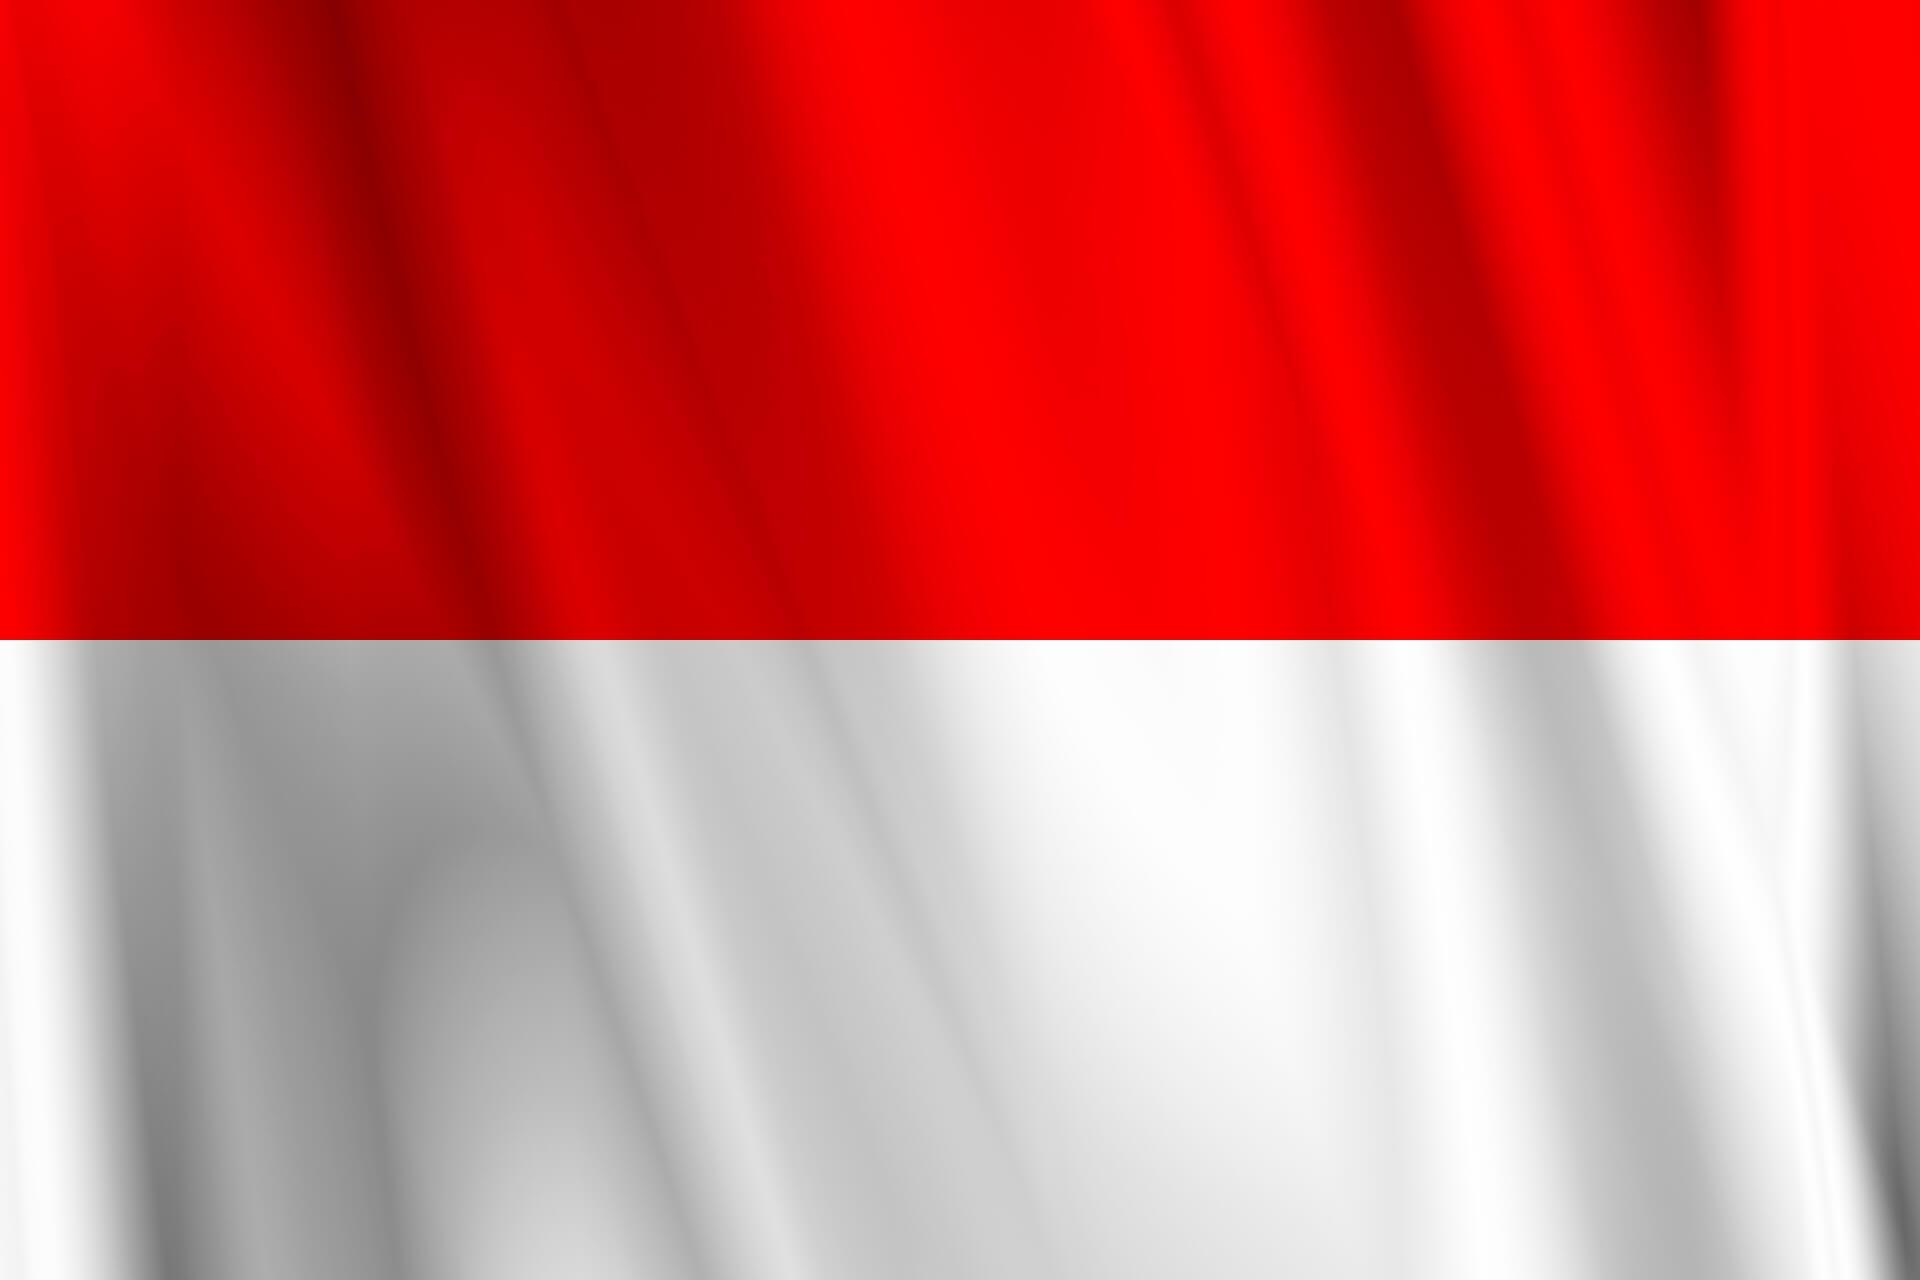 インドネシア:21年成長率予測4.3% IMF